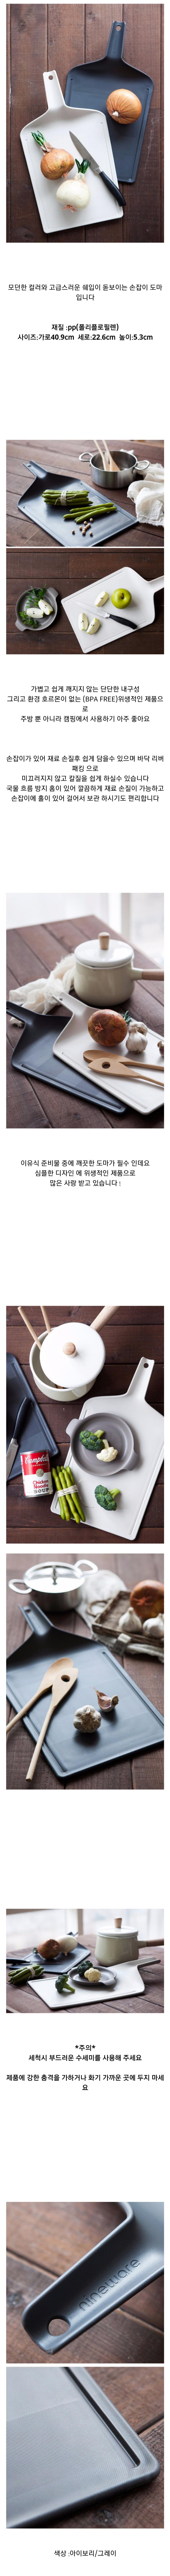 모던 손잡이 도마 - 베이비글, 18,500원, 도마, 플라스틱 도마